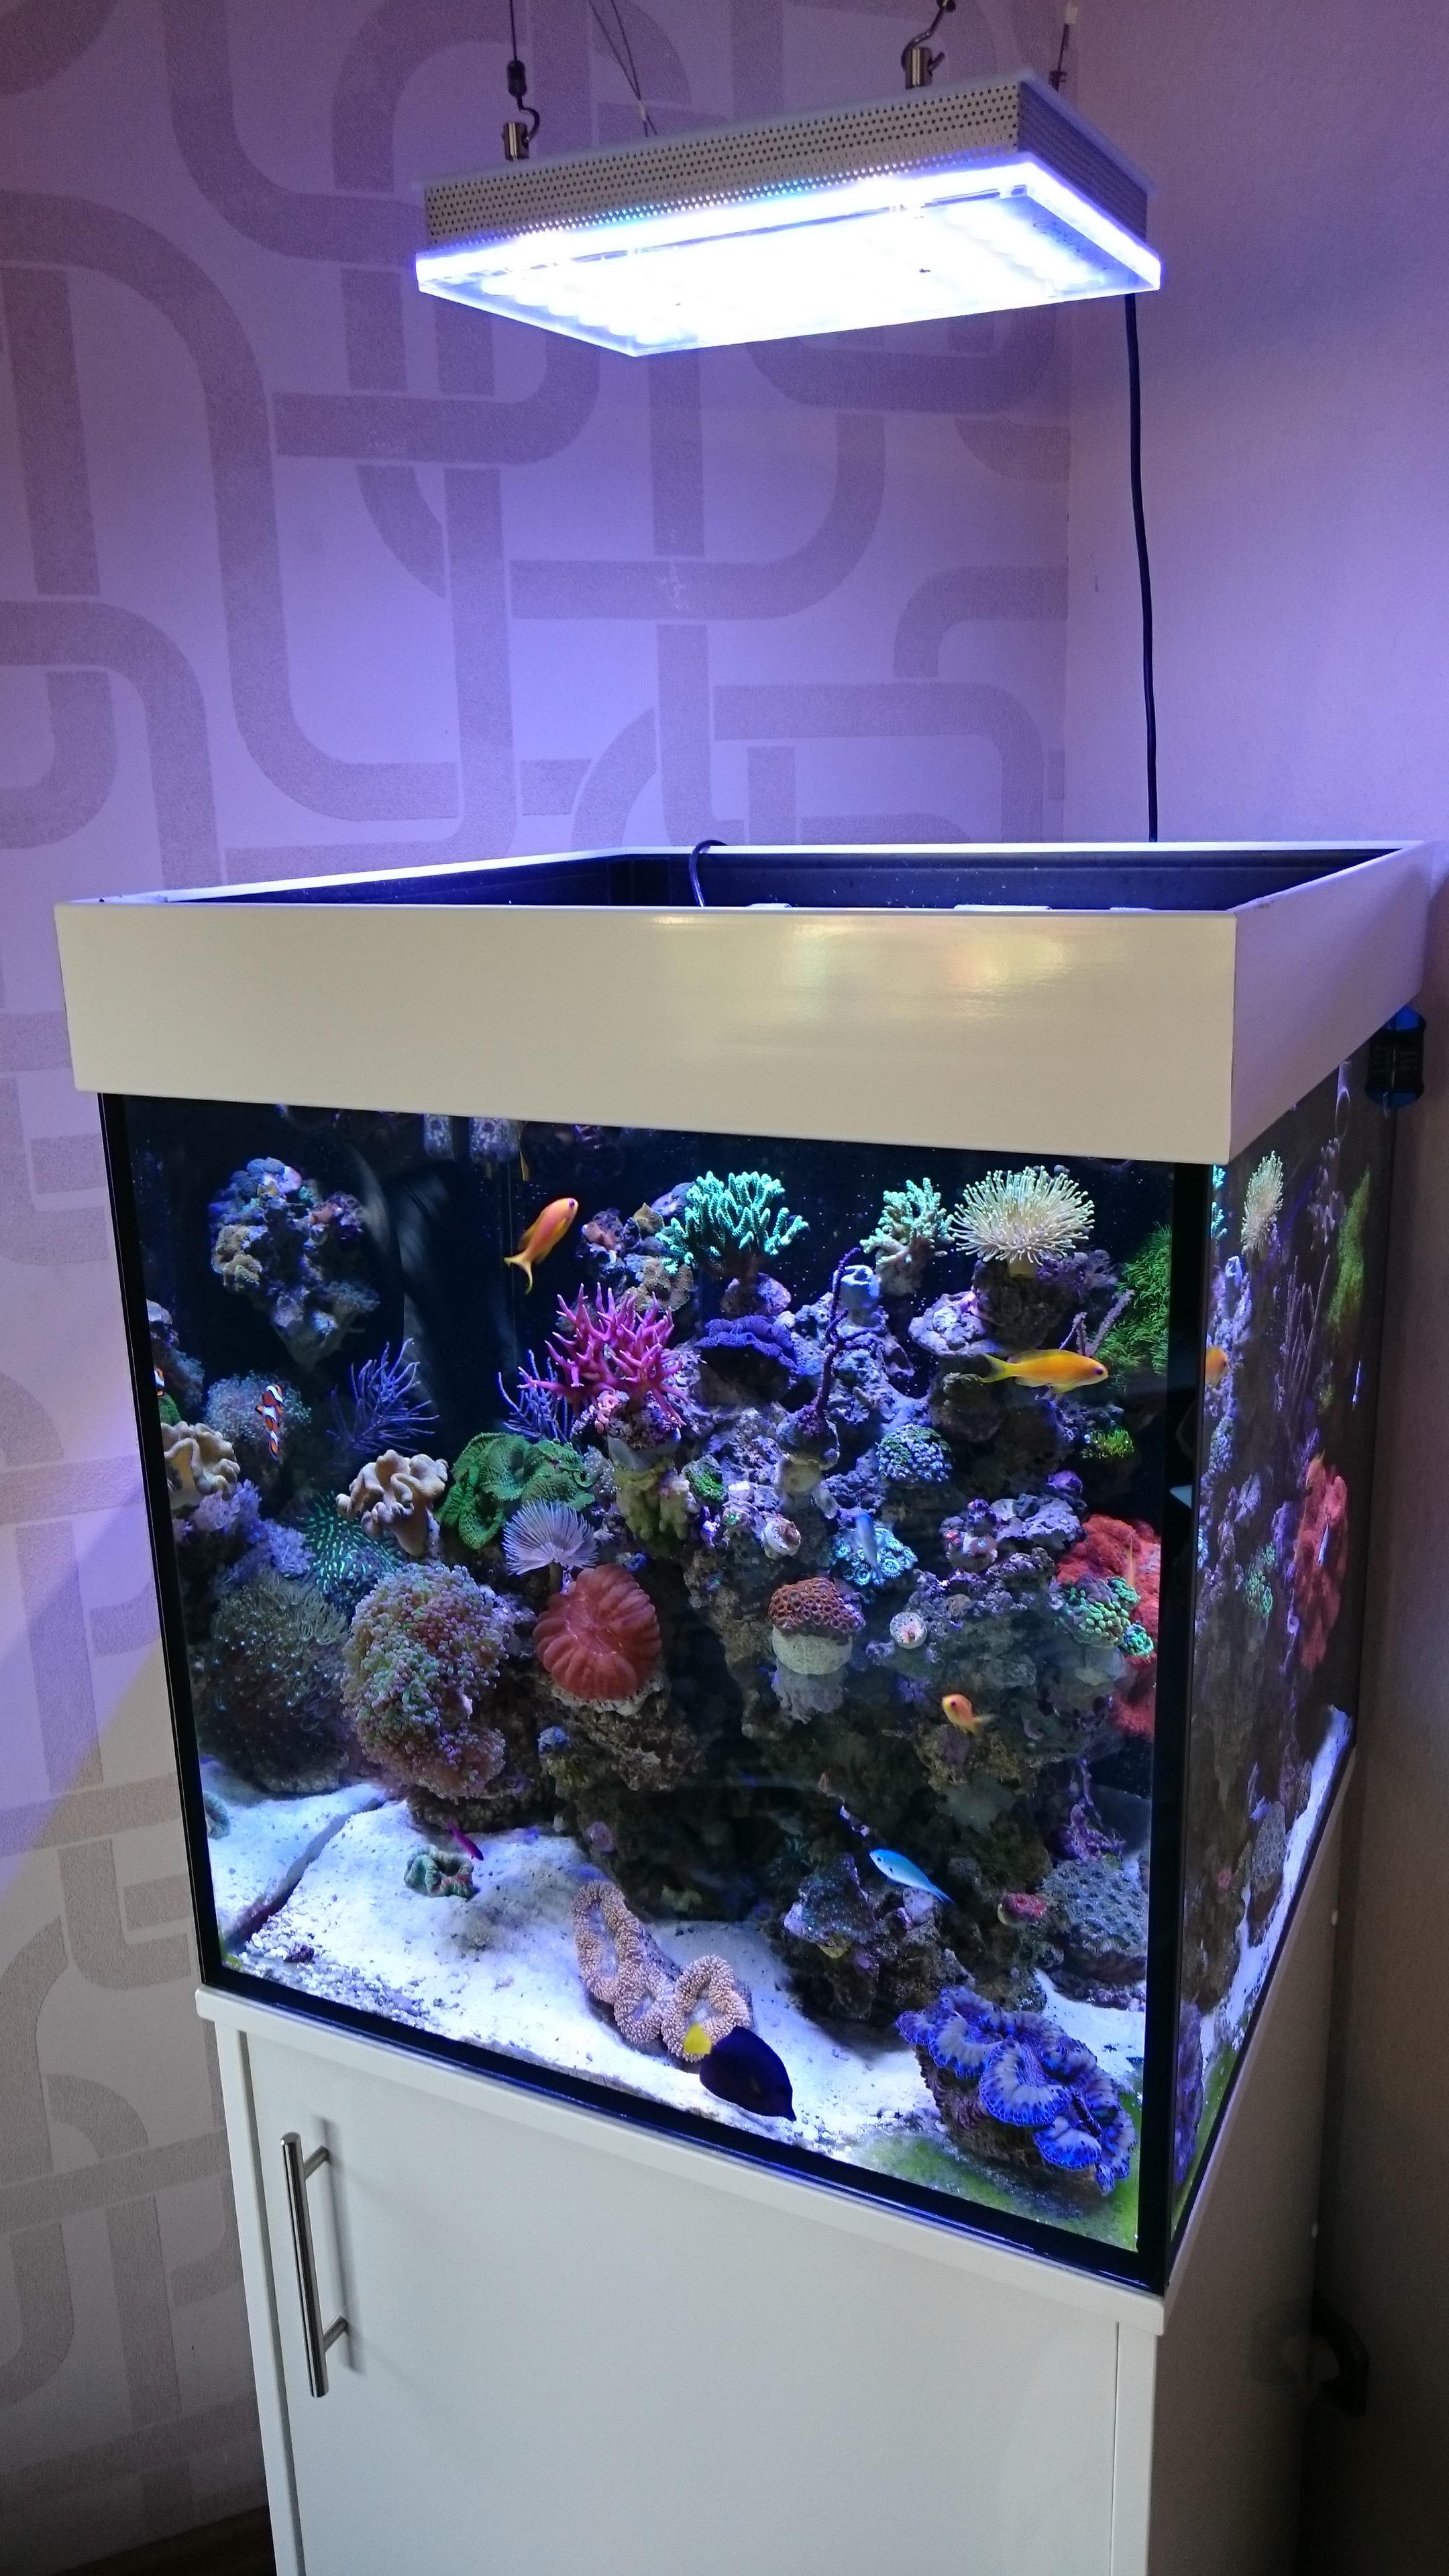 Uruchamianie Zbiornika Nano Reef Oświetlenie Led Akwarium